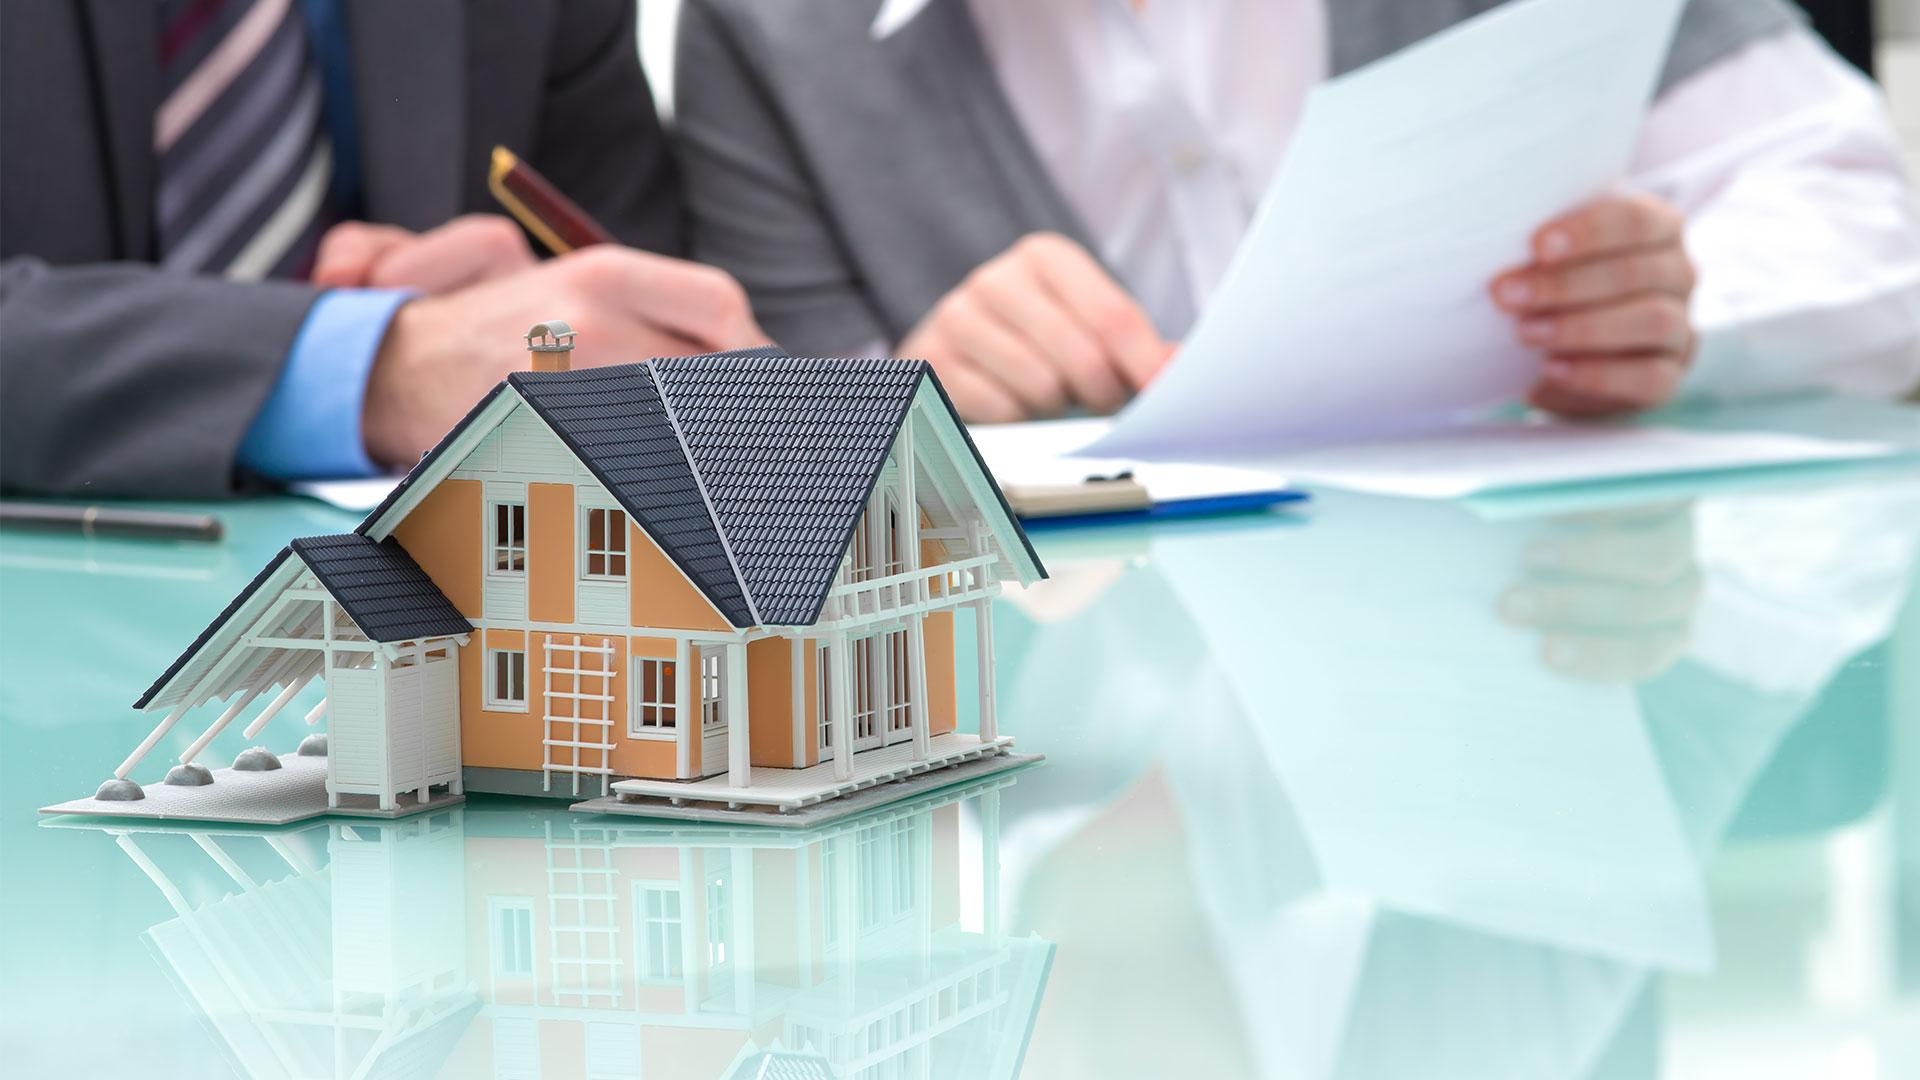 Detalhes - Seguro de Vida Proteção Financeira Imobiliário Bradesco Seguros